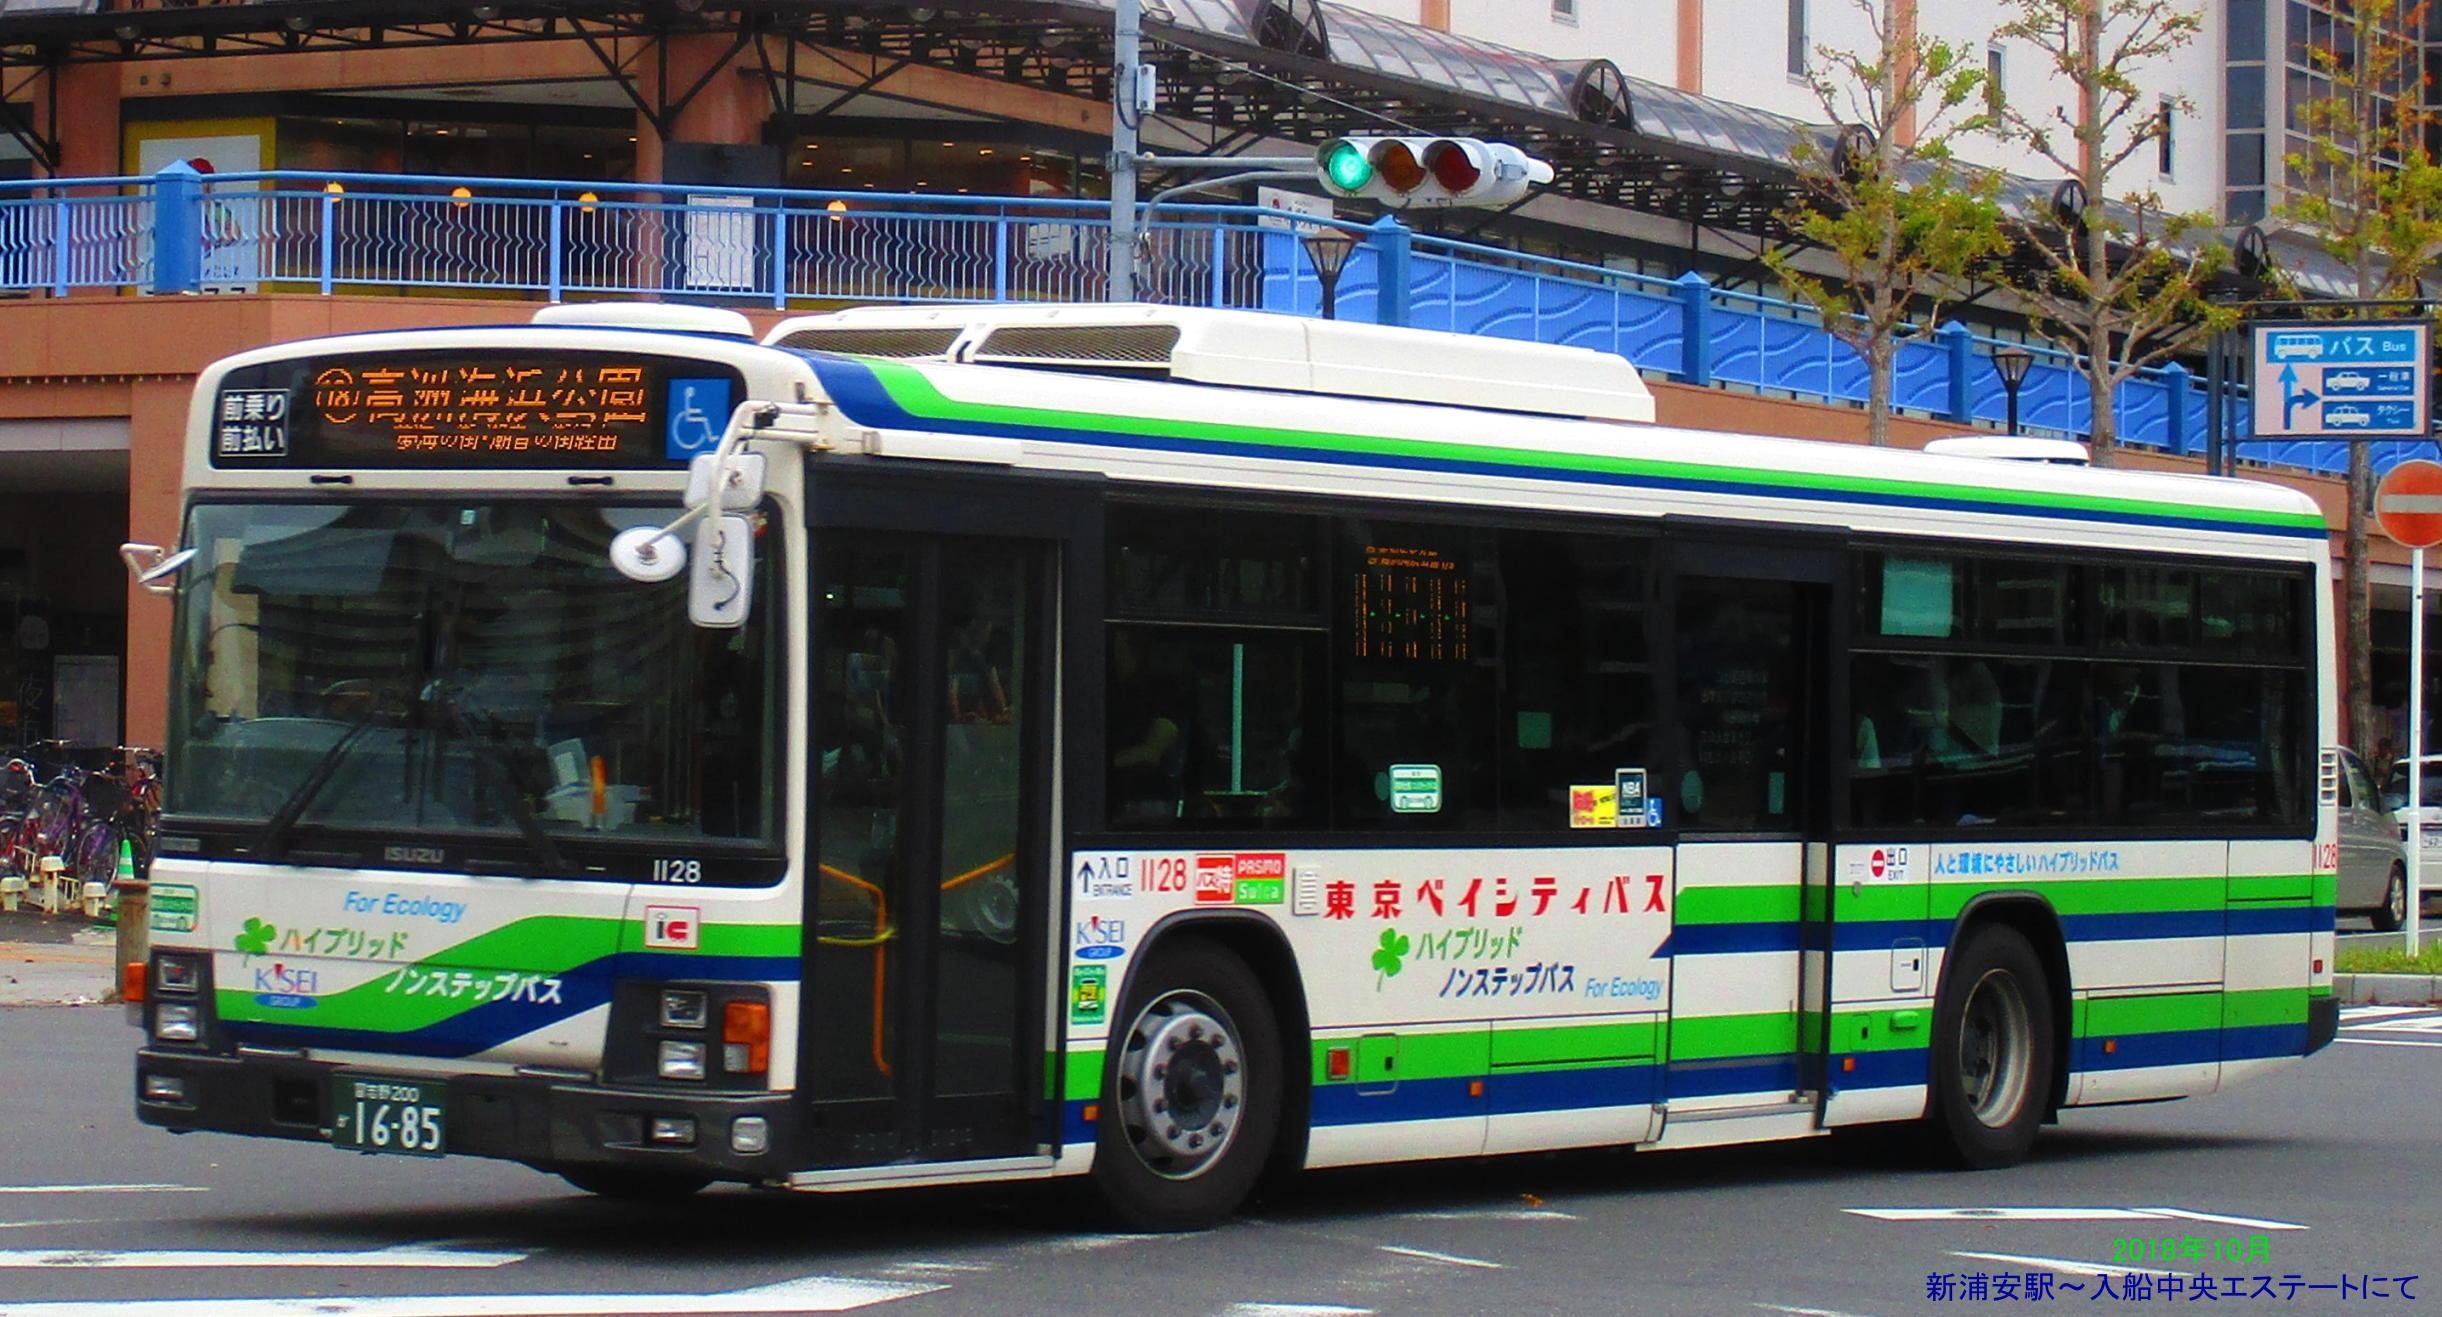 表 ベイシティ バス 時刻